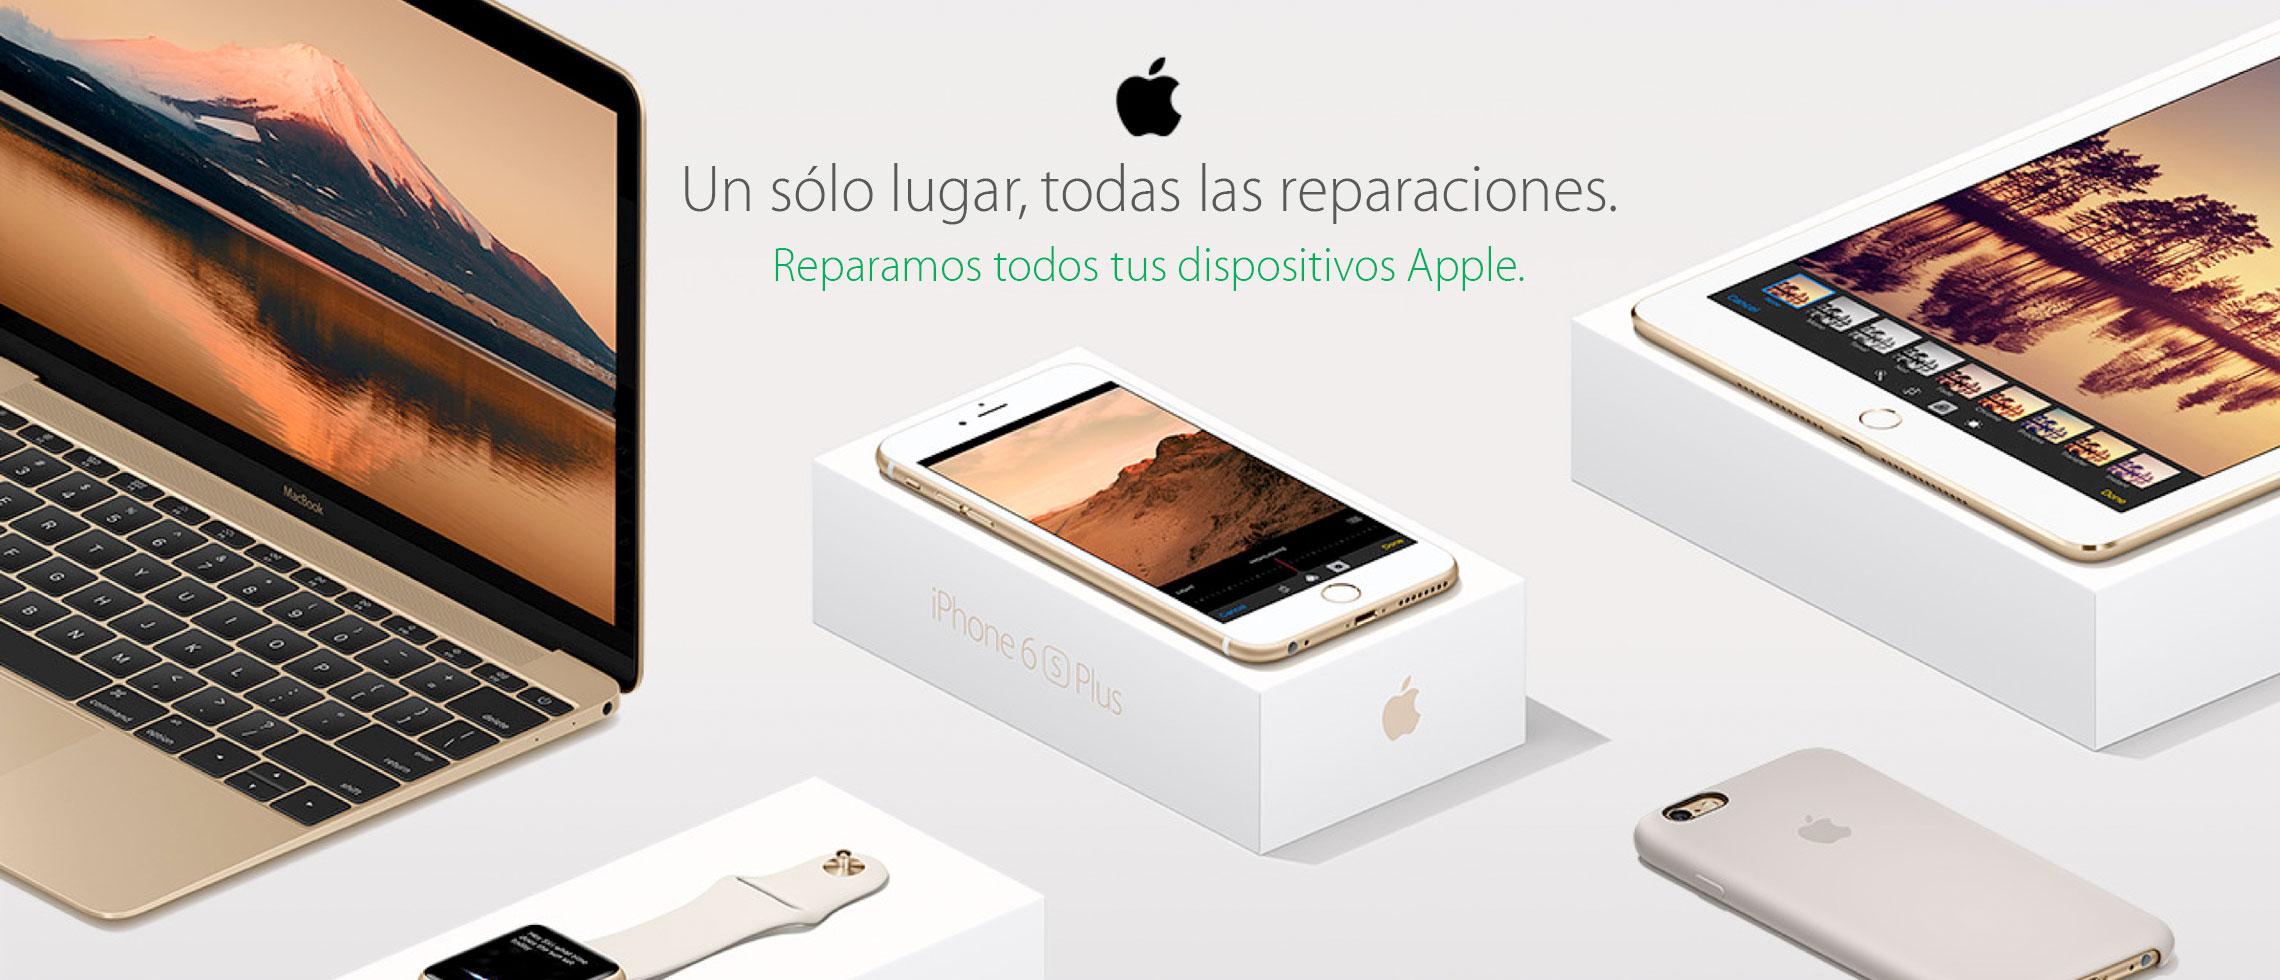 servicios de reparacion para todos los dispositivos apple